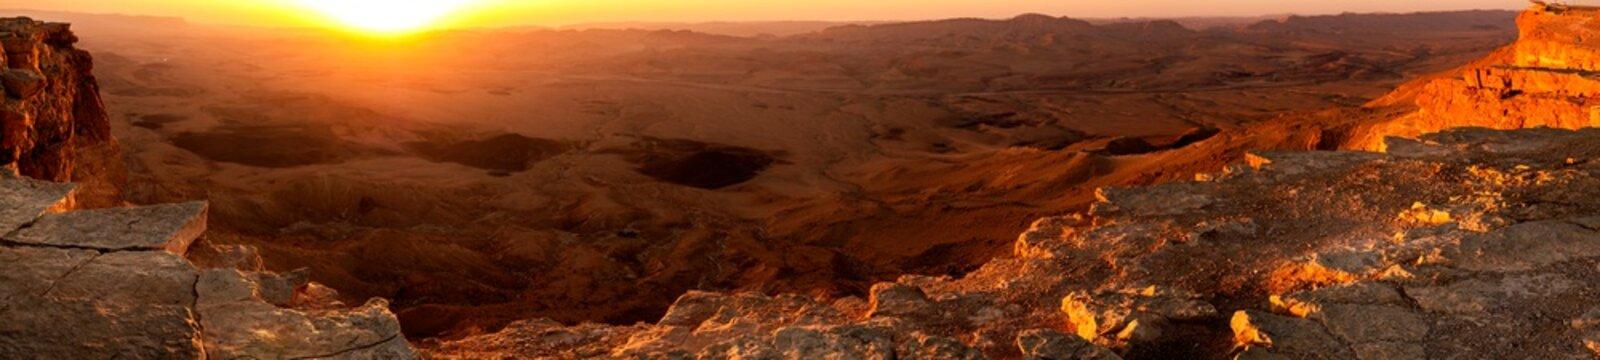 panorama view of sunrise in Mitzpe Ramon, Israel